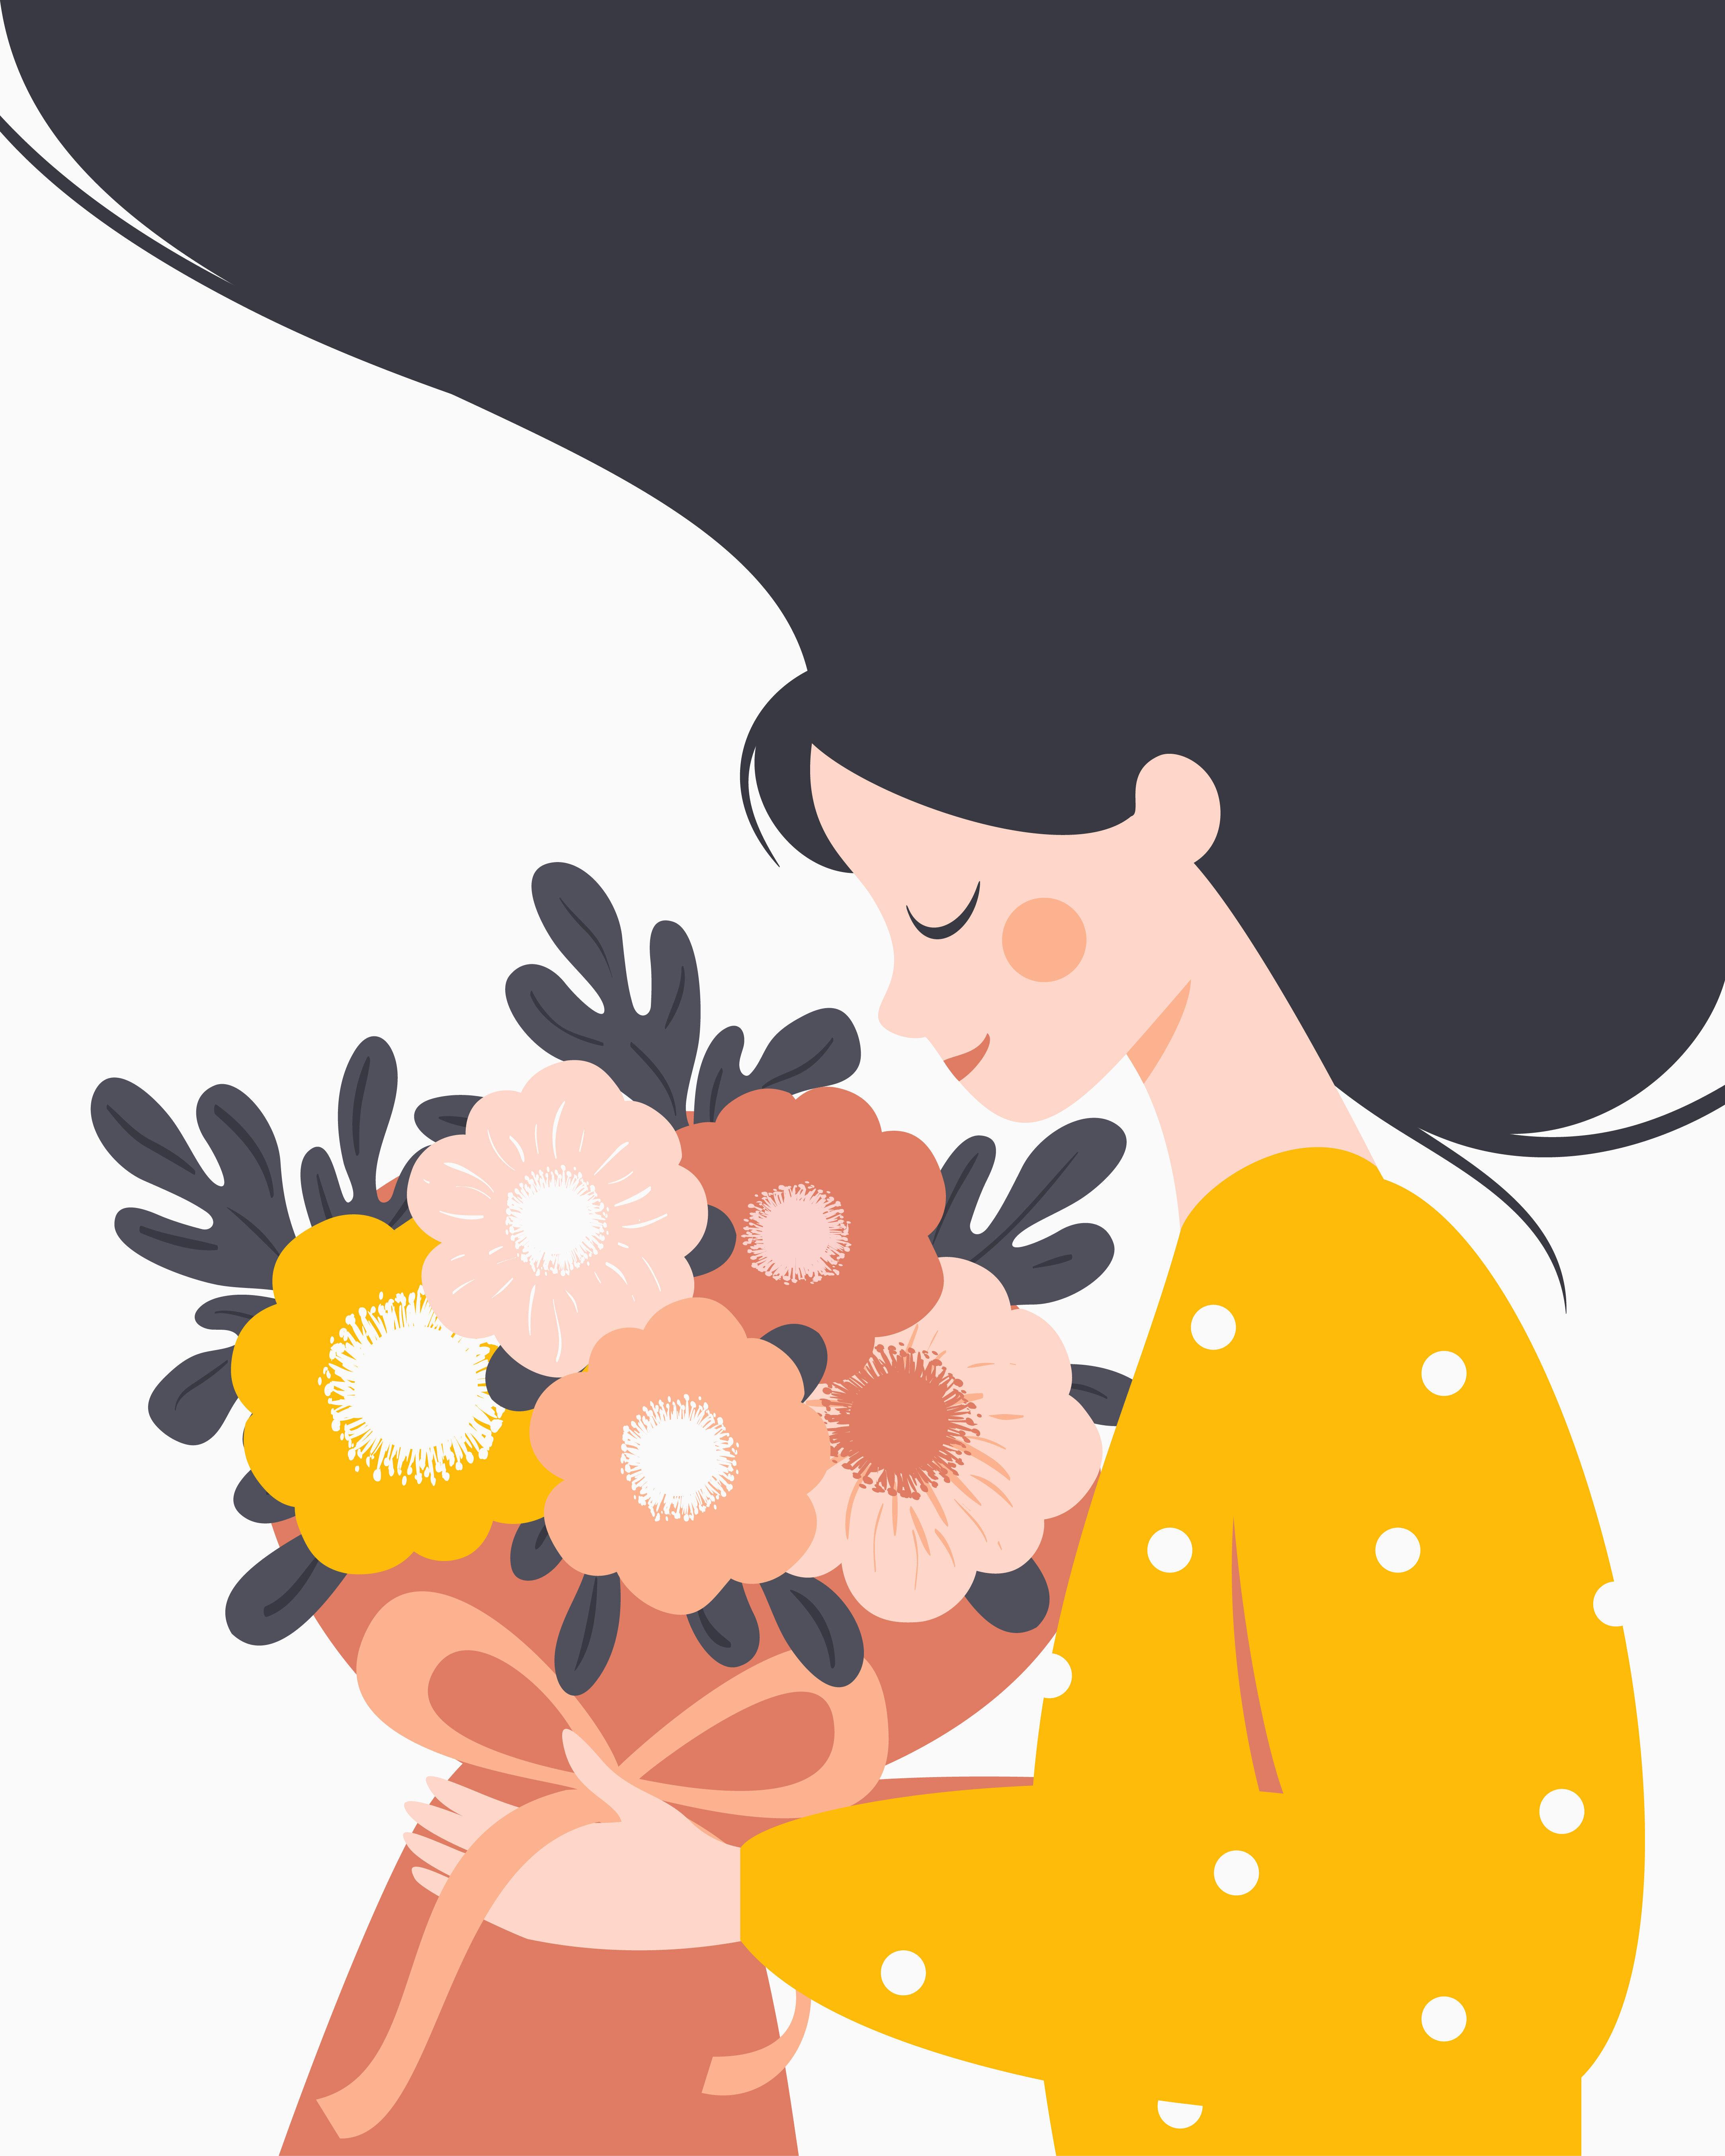 Maman Du Juste Prix : maman, juste, Idées, Cadeaux, Fête, Mères, HuffPost, Québec, Vivre